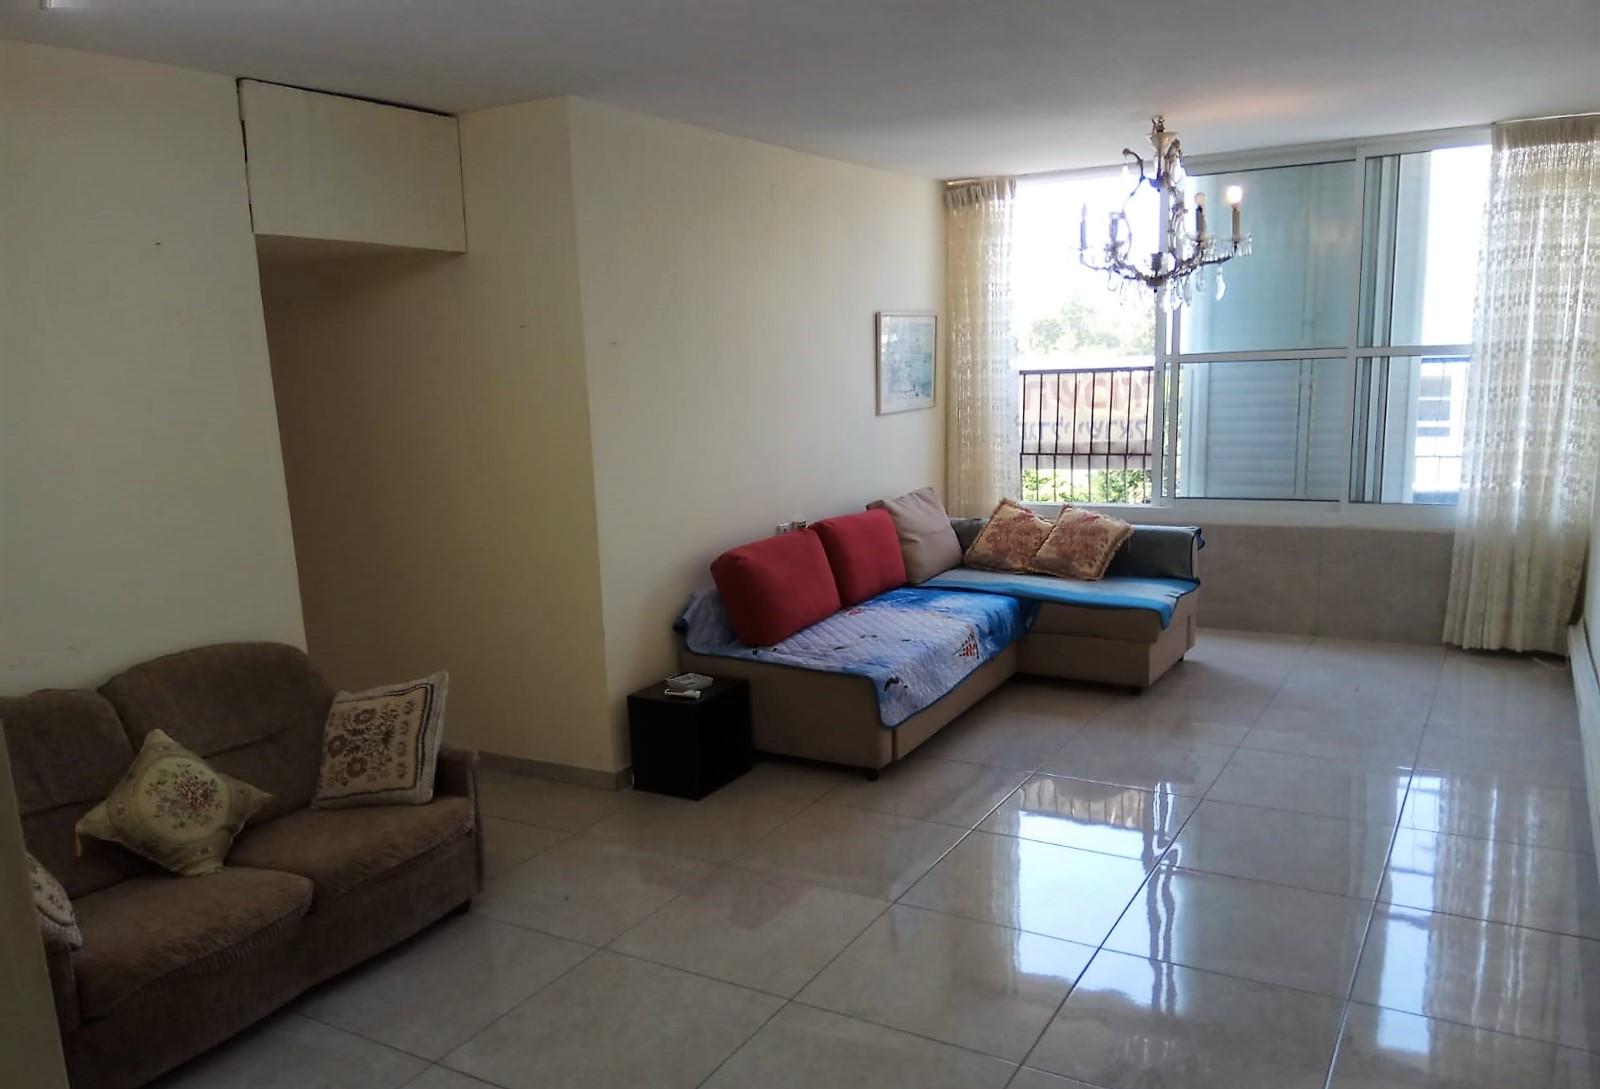 דירה להשכרה 3 חדרים 4,200₪ בחודש, חולון